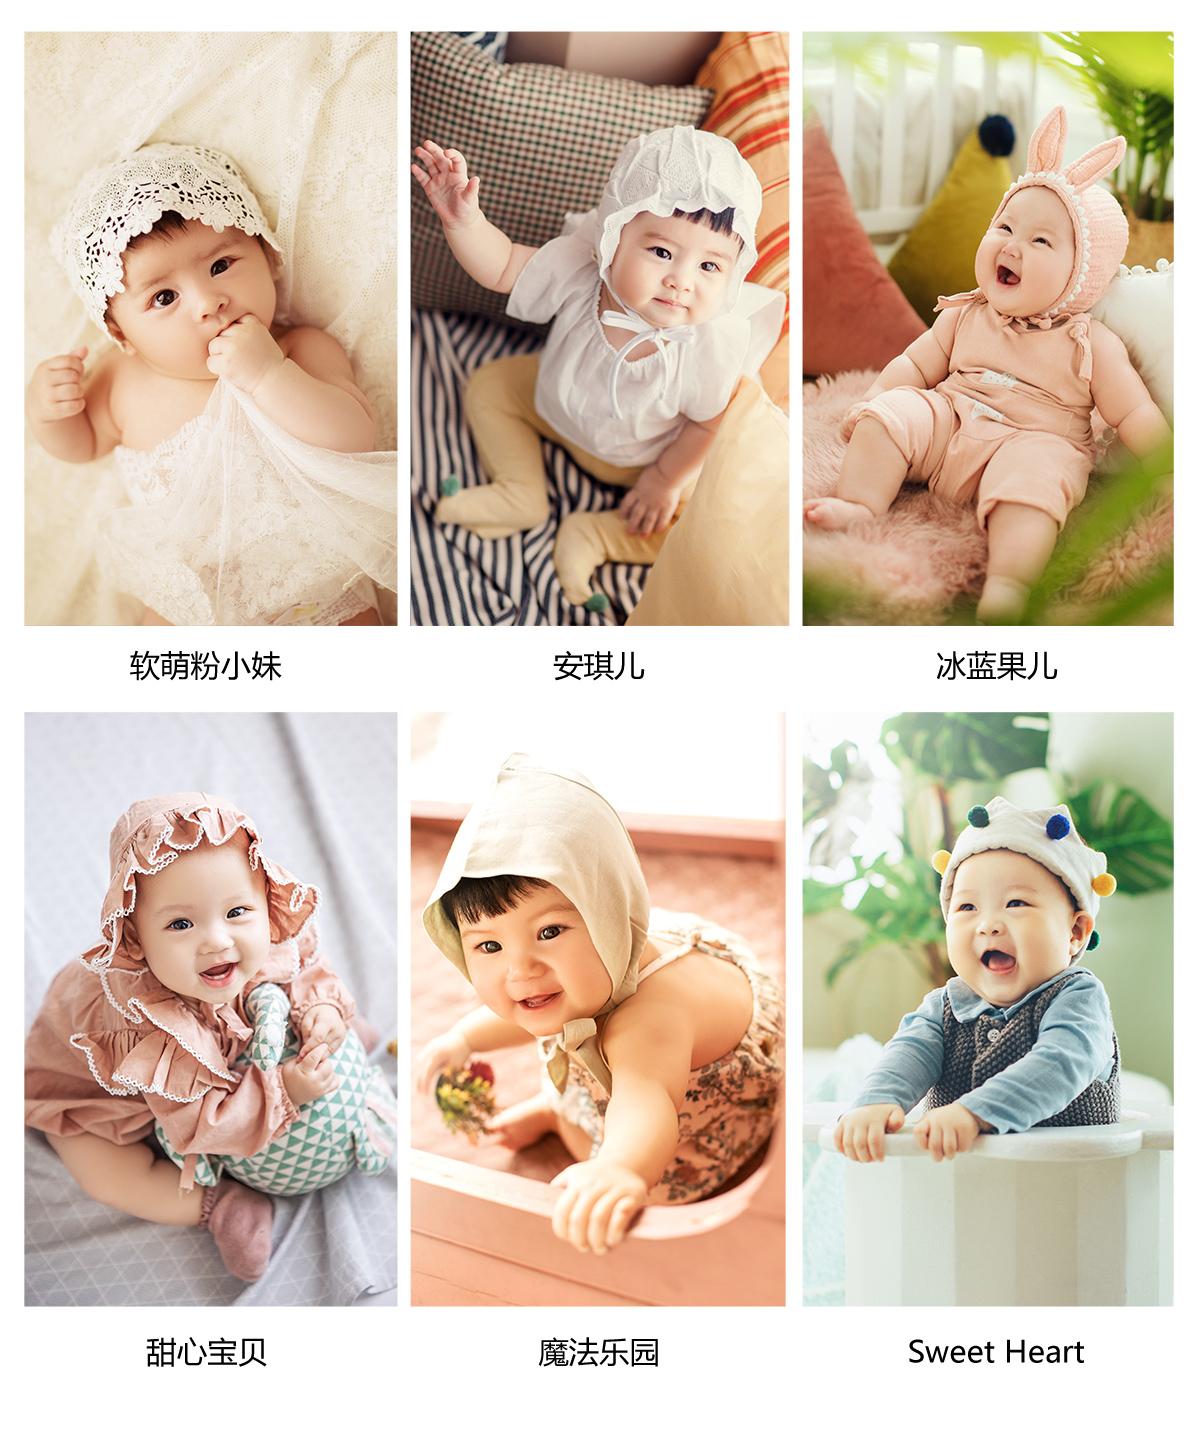 芳妮豆丁小编告诉您:宝宝吸收不好,怎么办?